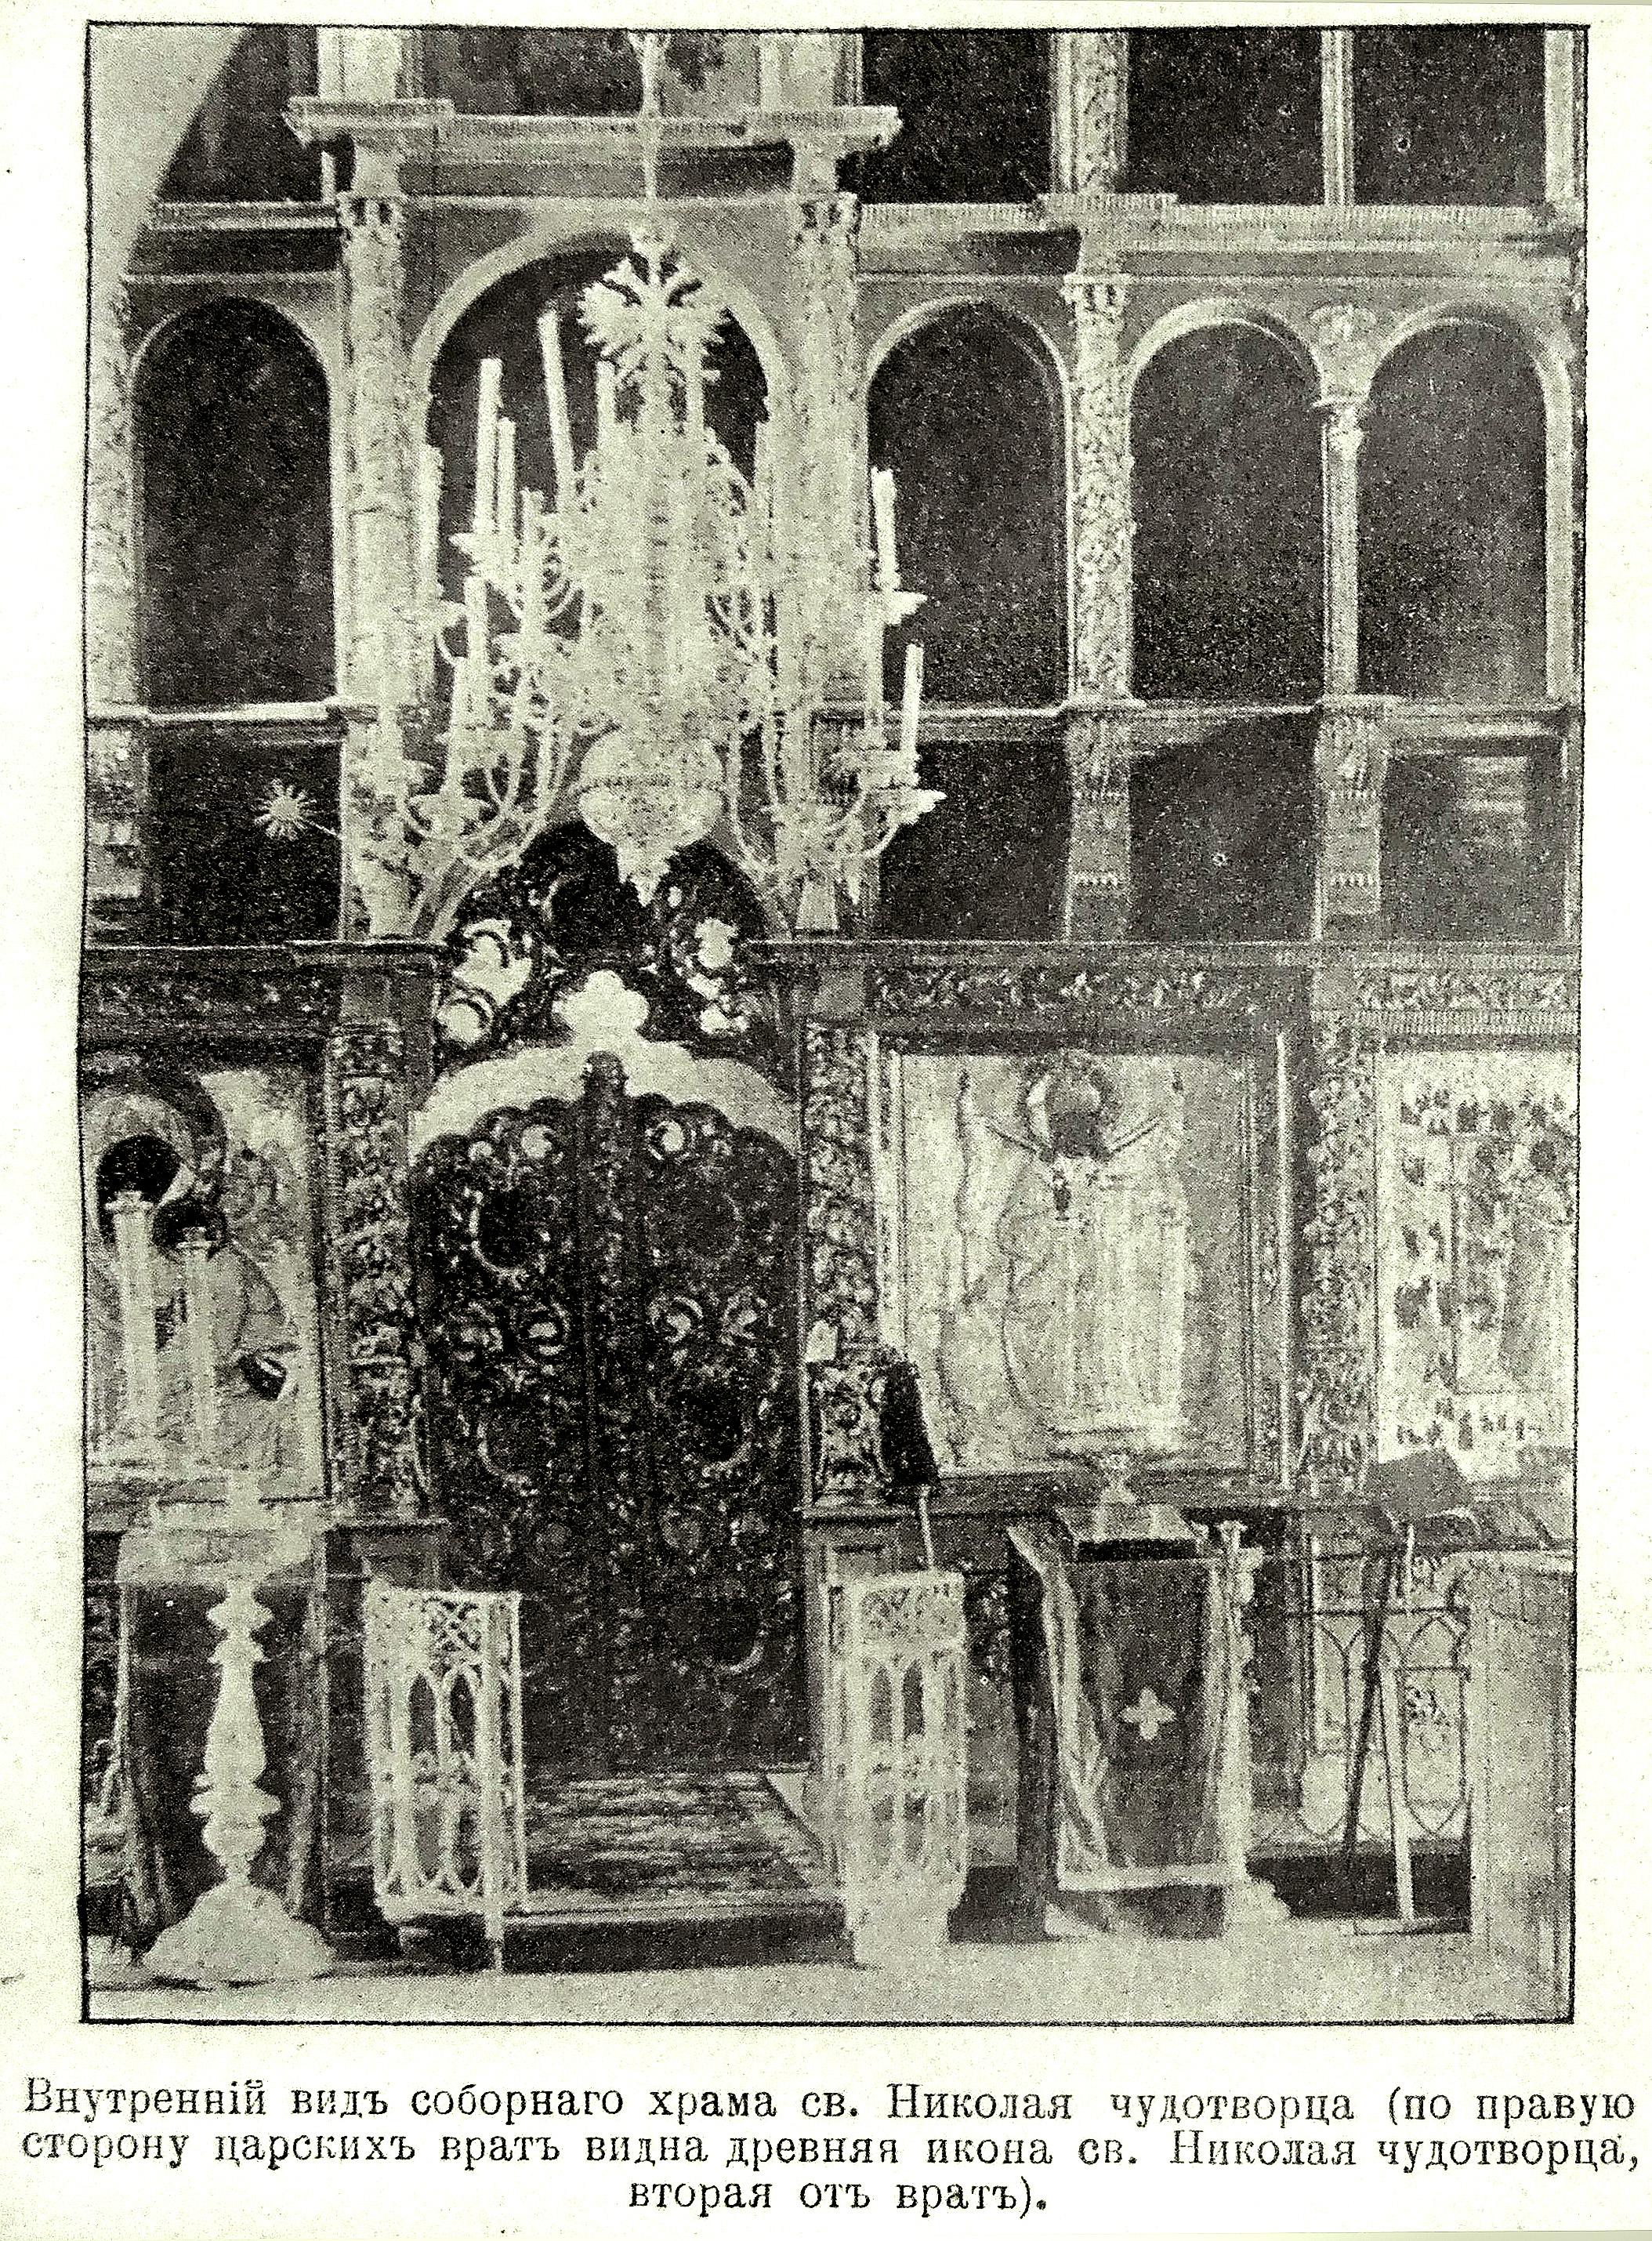 Антониев Краснохолмский монастырь. Иконостас собора Николая Чудотворца